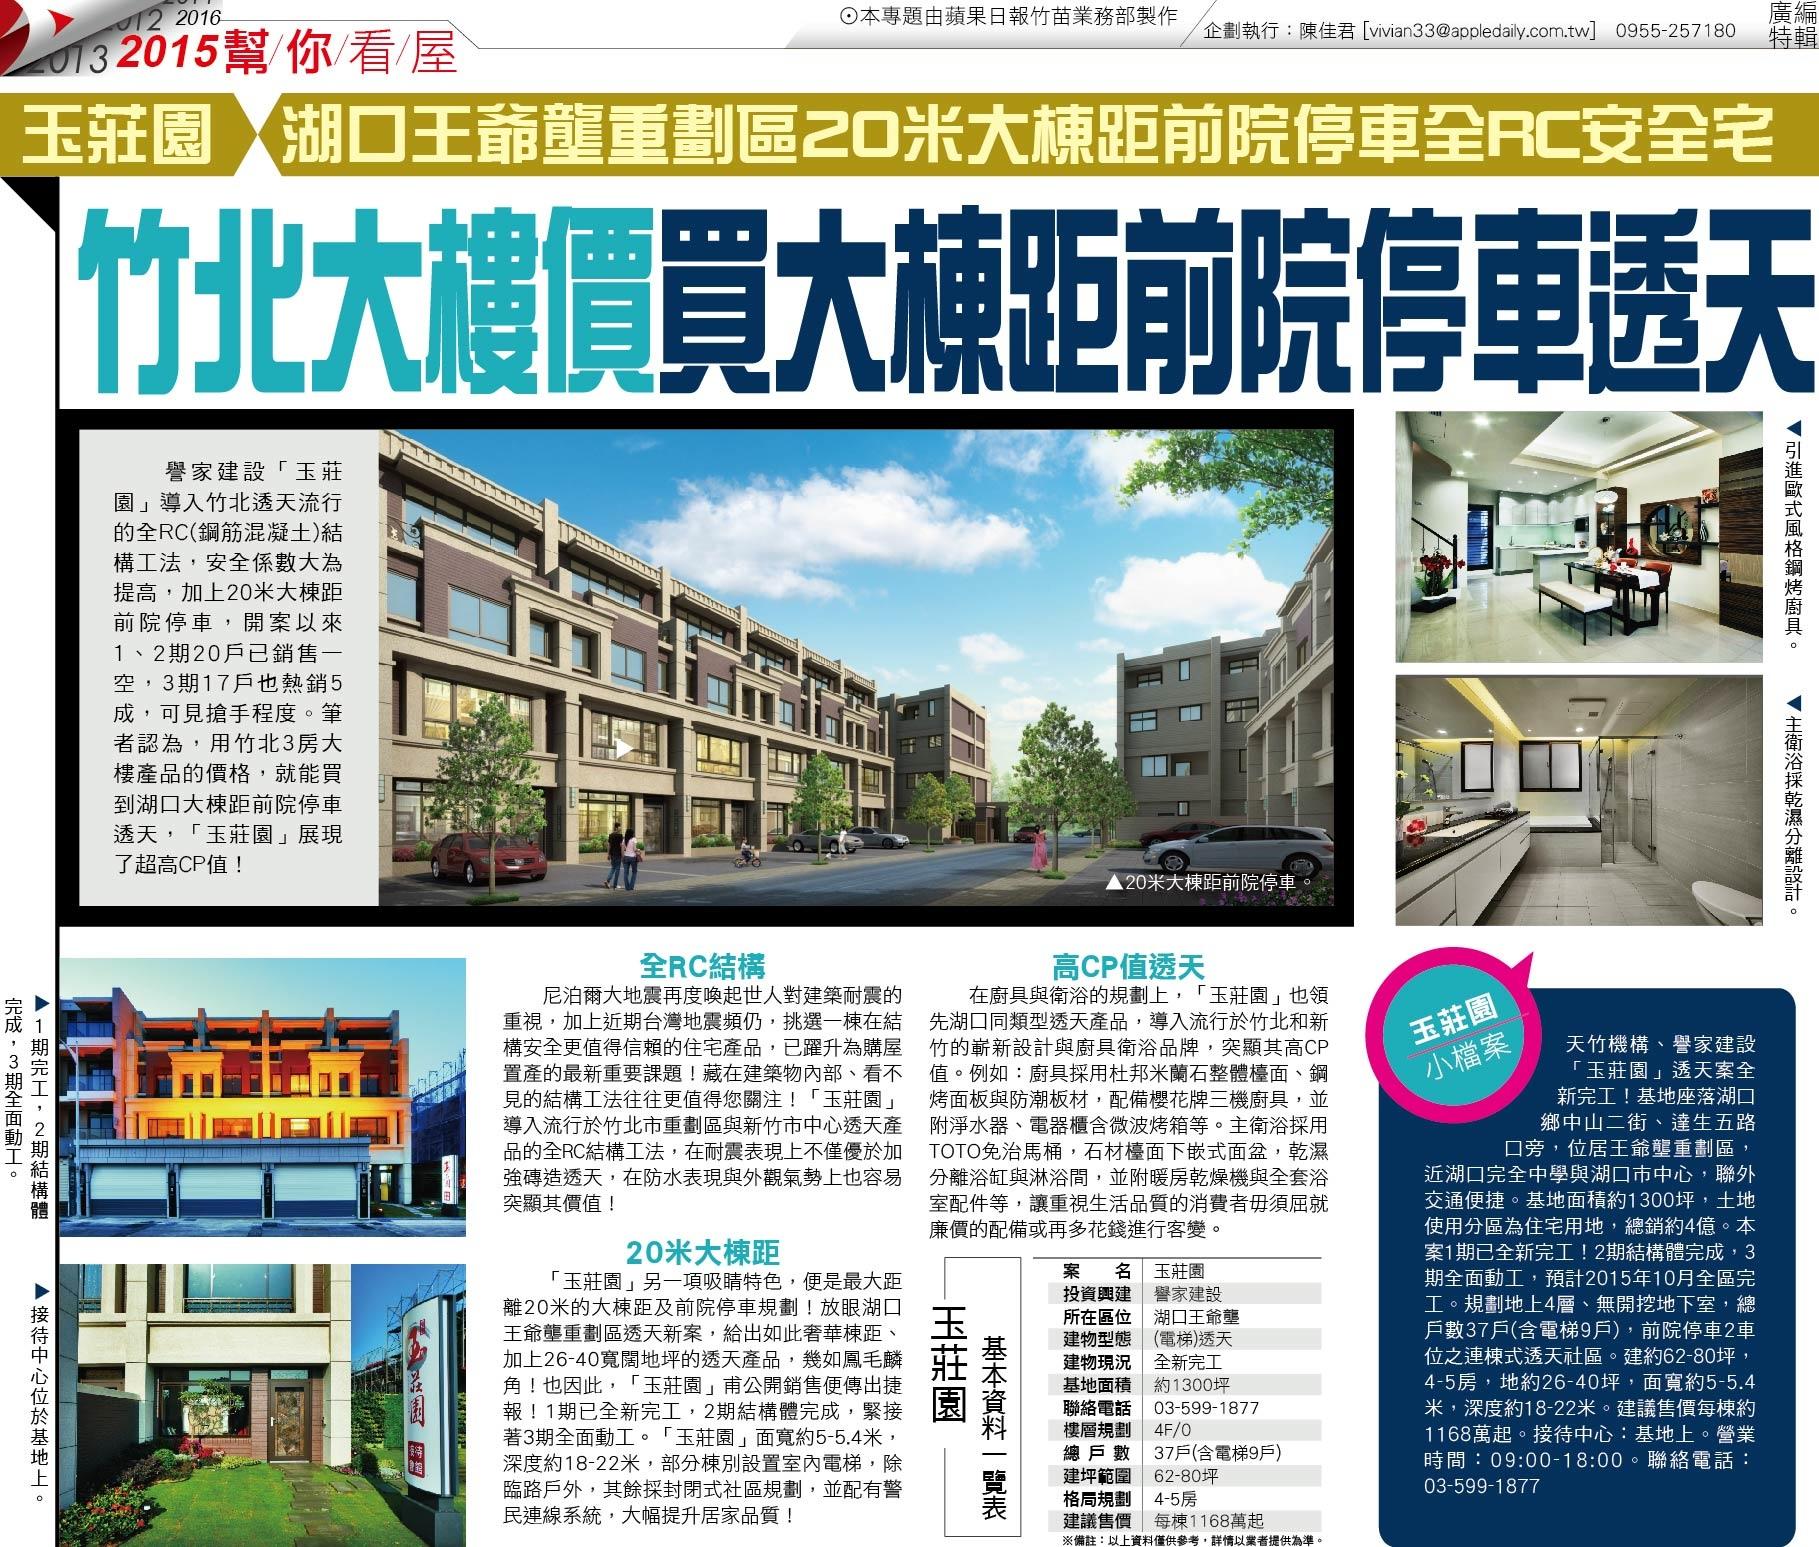 [看屋報告] 竹北大樓價 買大棟距前院停車透天.jpg